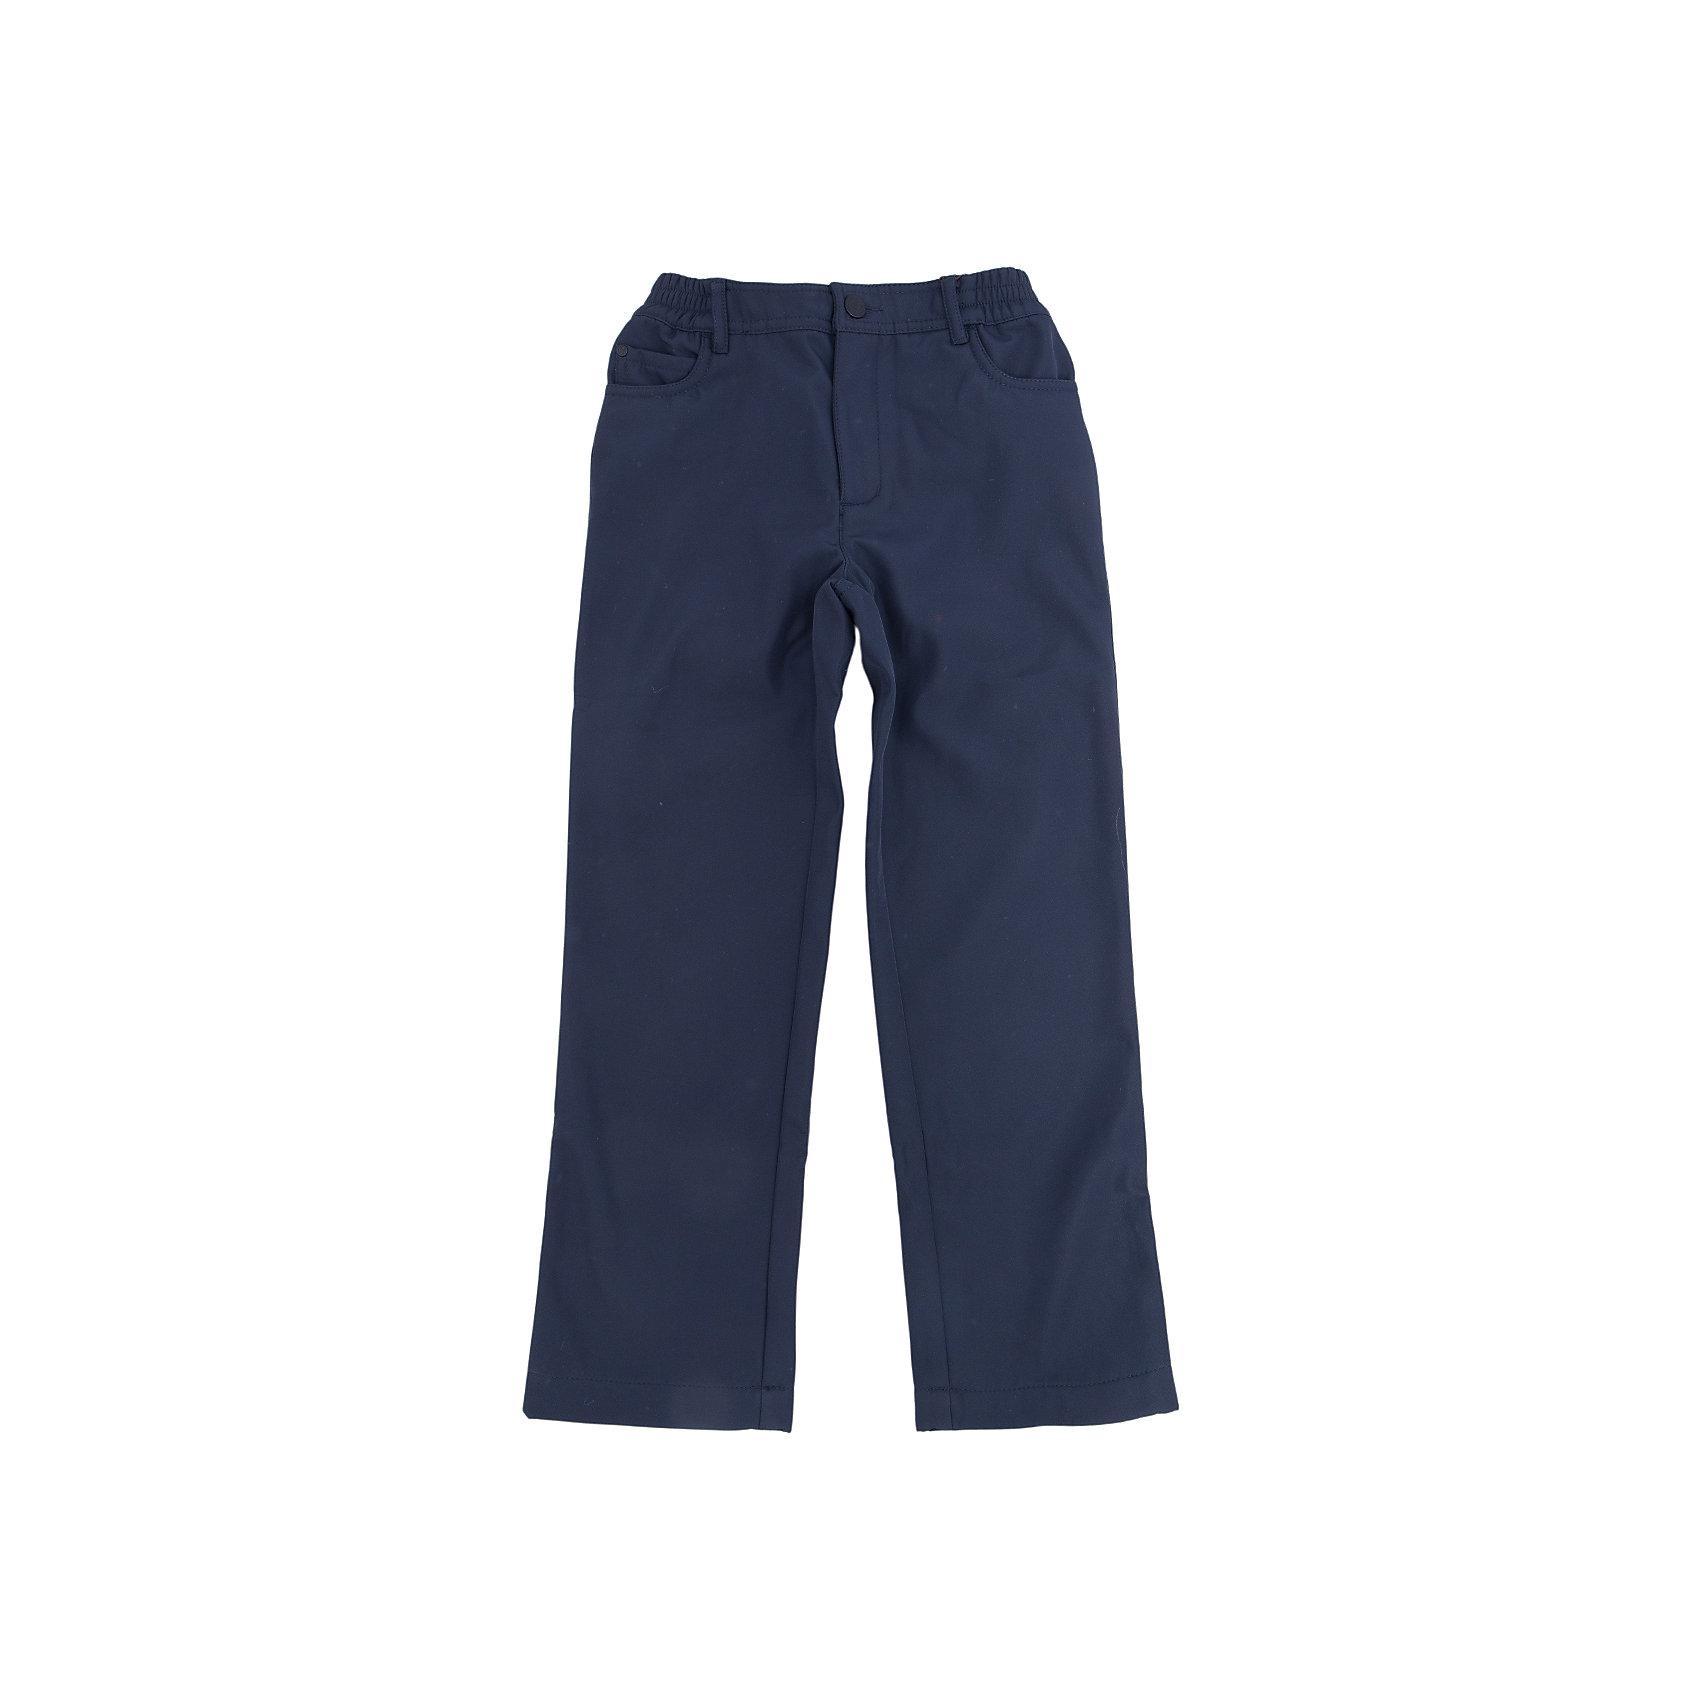 Брюки для мальчика Finn FlareБрюки<br>Брюки известной марки Finn Flare.<br><br>Школьные брюки для мальчика – классический вариант прямых брюк. Брюки застегиваются на молнию, плюс кнопка. Оснащены карманами и шлевками – петельками для ремня. <br><br>Фактура материала: Трикотажный<br>Вид застежки: Молния<br>Тип карманов: Втачные <br><br>Состав: 100% полиэстер<br><br>Брюки для мальчика Finn Flare можно купить в нашем интернет-магазине.<br><br>Ширина мм: 215<br>Глубина мм: 88<br>Высота мм: 191<br>Вес г: 336<br>Цвет: синий<br>Возраст от месяцев: 144<br>Возраст до месяцев: 156<br>Пол: Мужской<br>Возраст: Детский<br>Размер: 158,122,134,146<br>SKU: 4890345